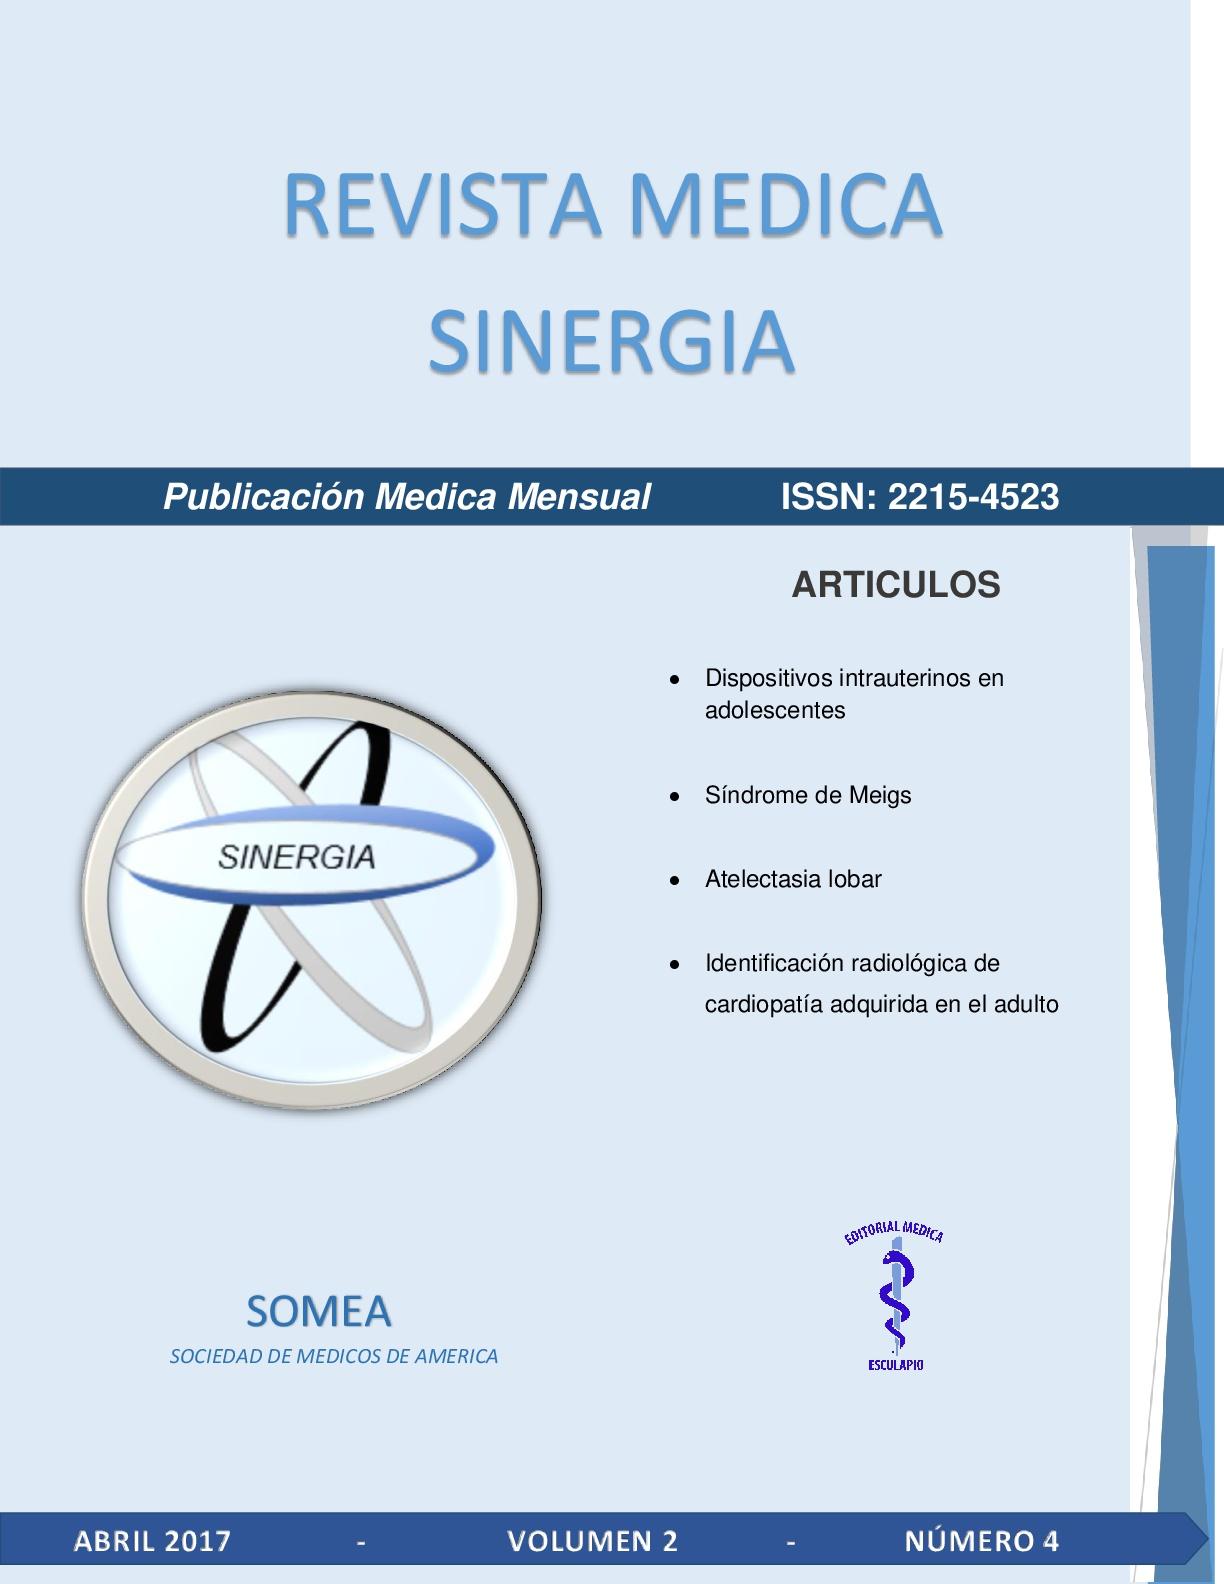 Revista Medica Sinergia